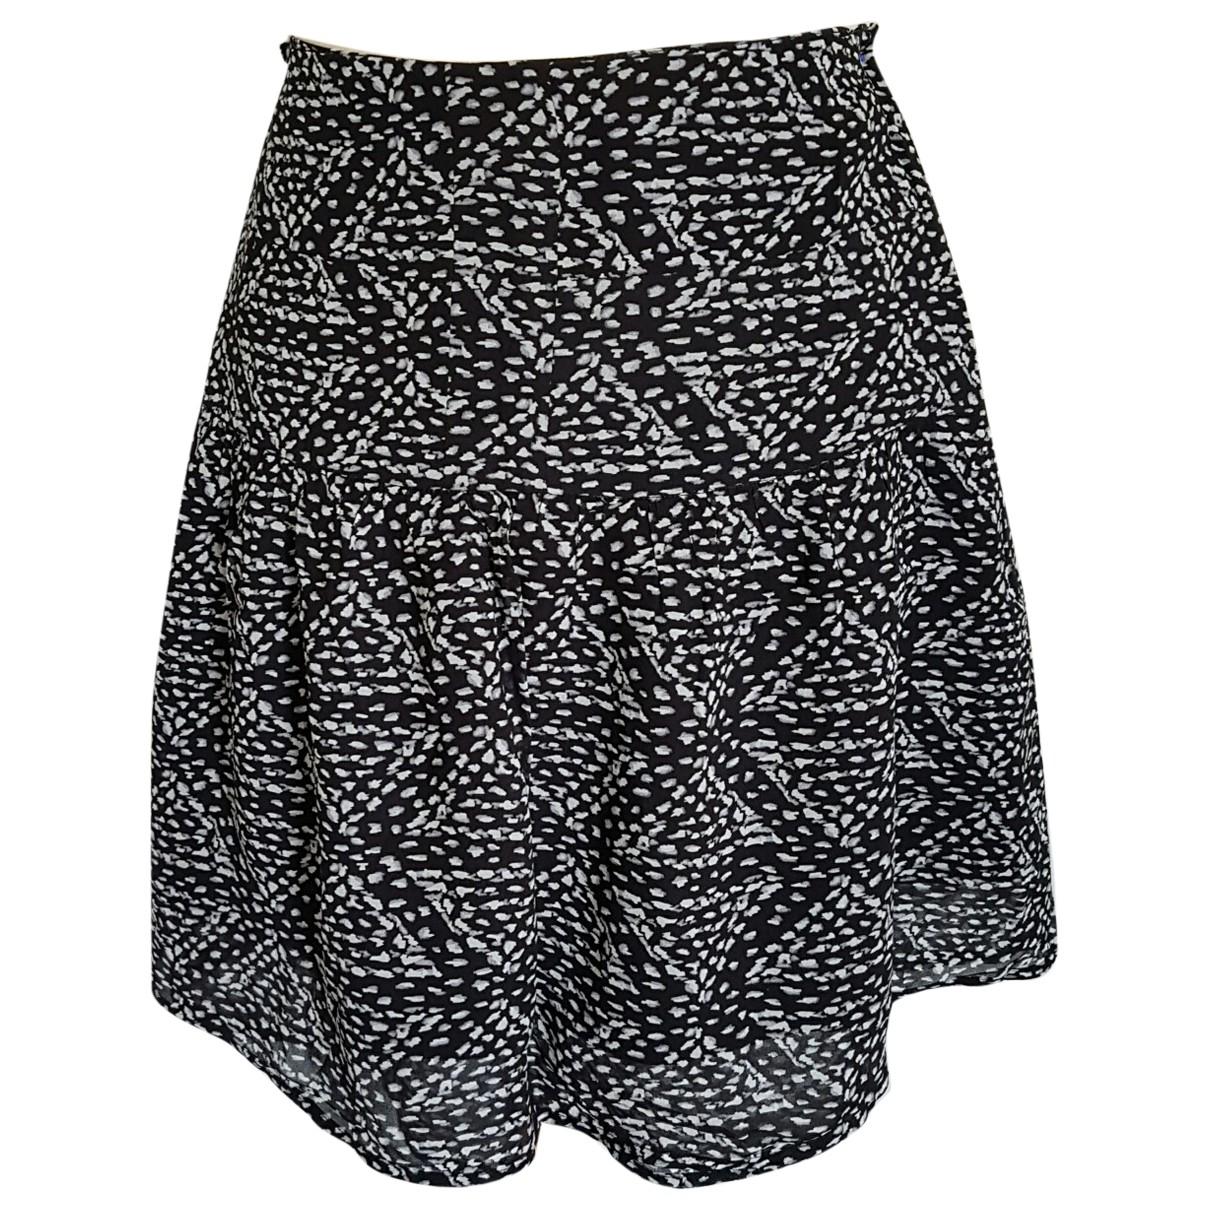 Sud Express \N Black skirt for Women 38 FR